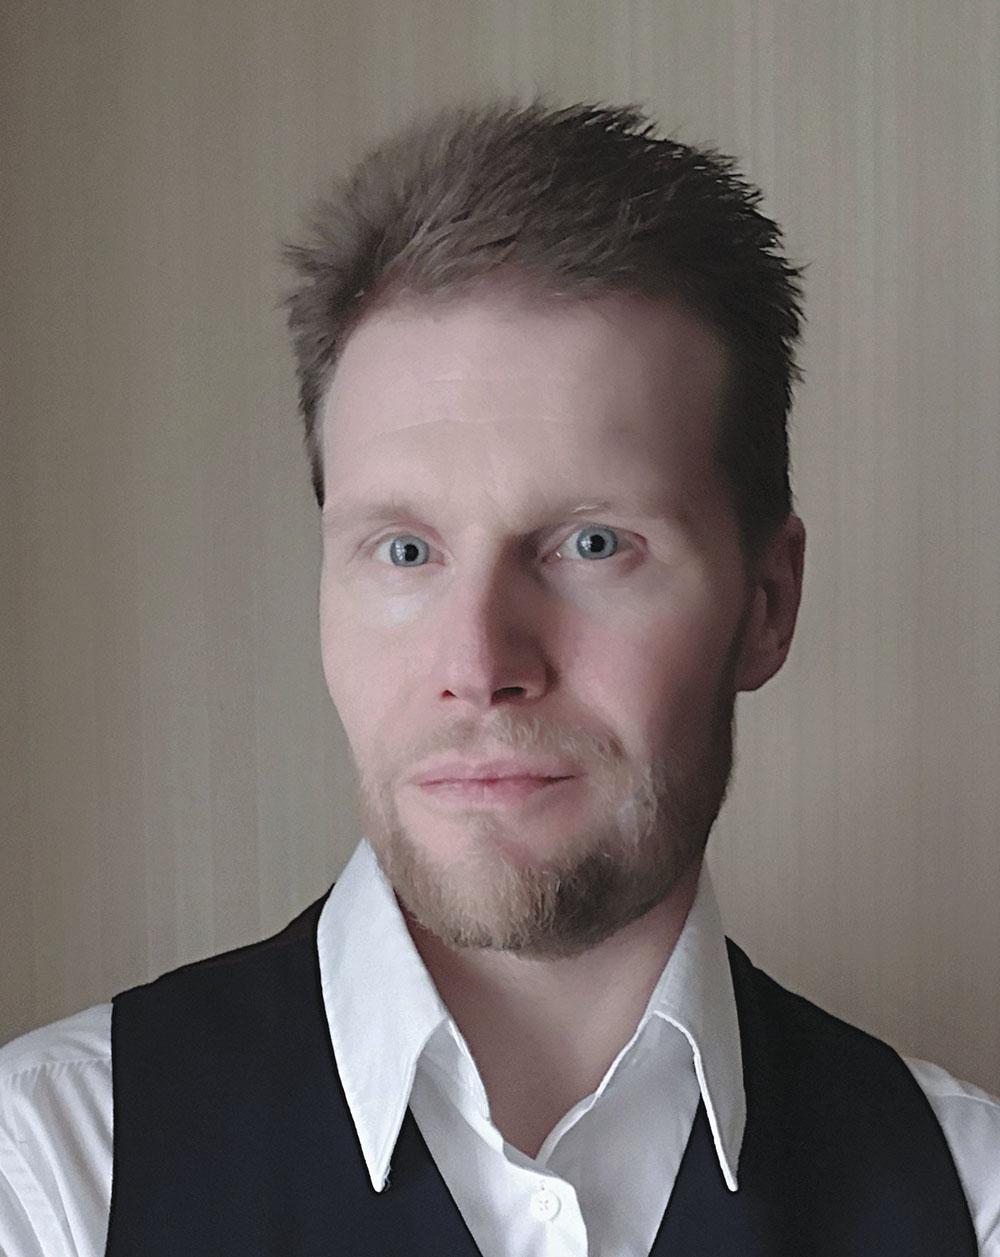 Timo Kylmälä